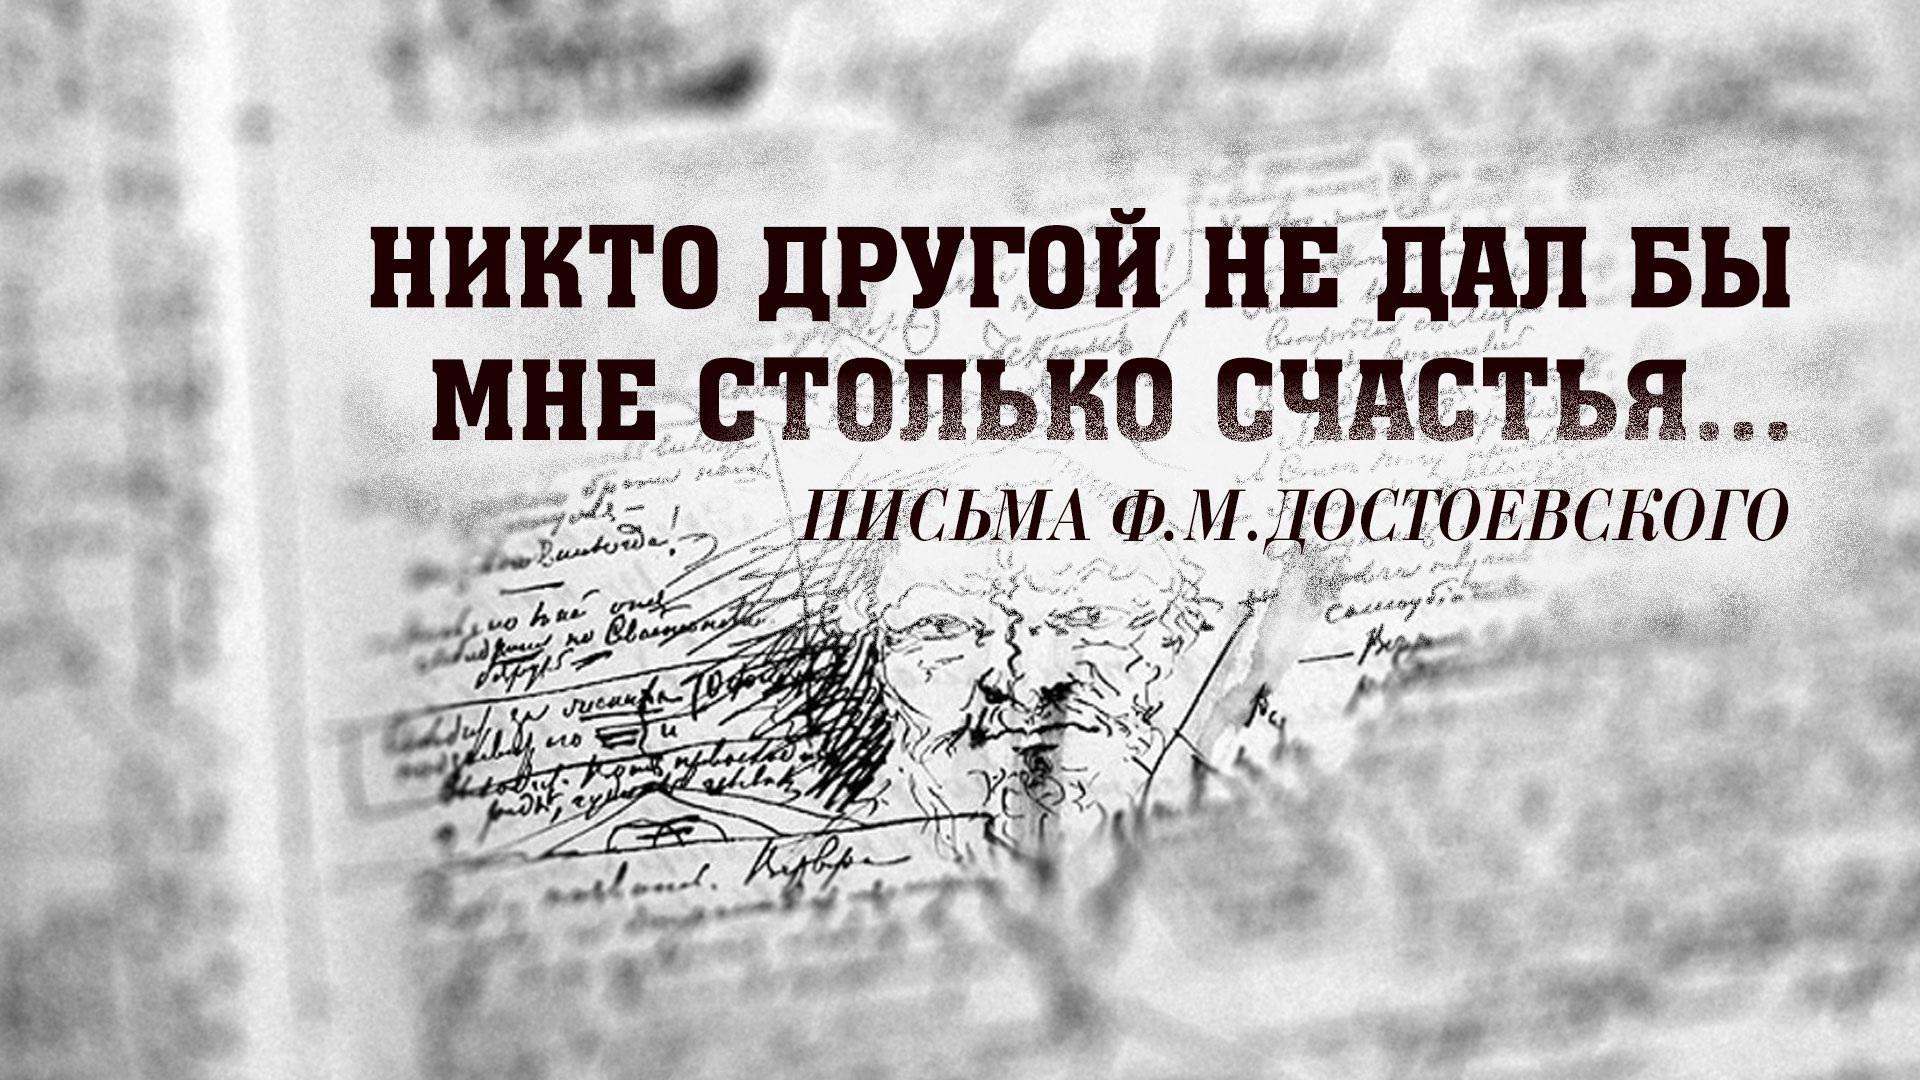 Никто другой не дал бы мне столько счастья... А.Достоевская. Письма Ф.М.Достоевского